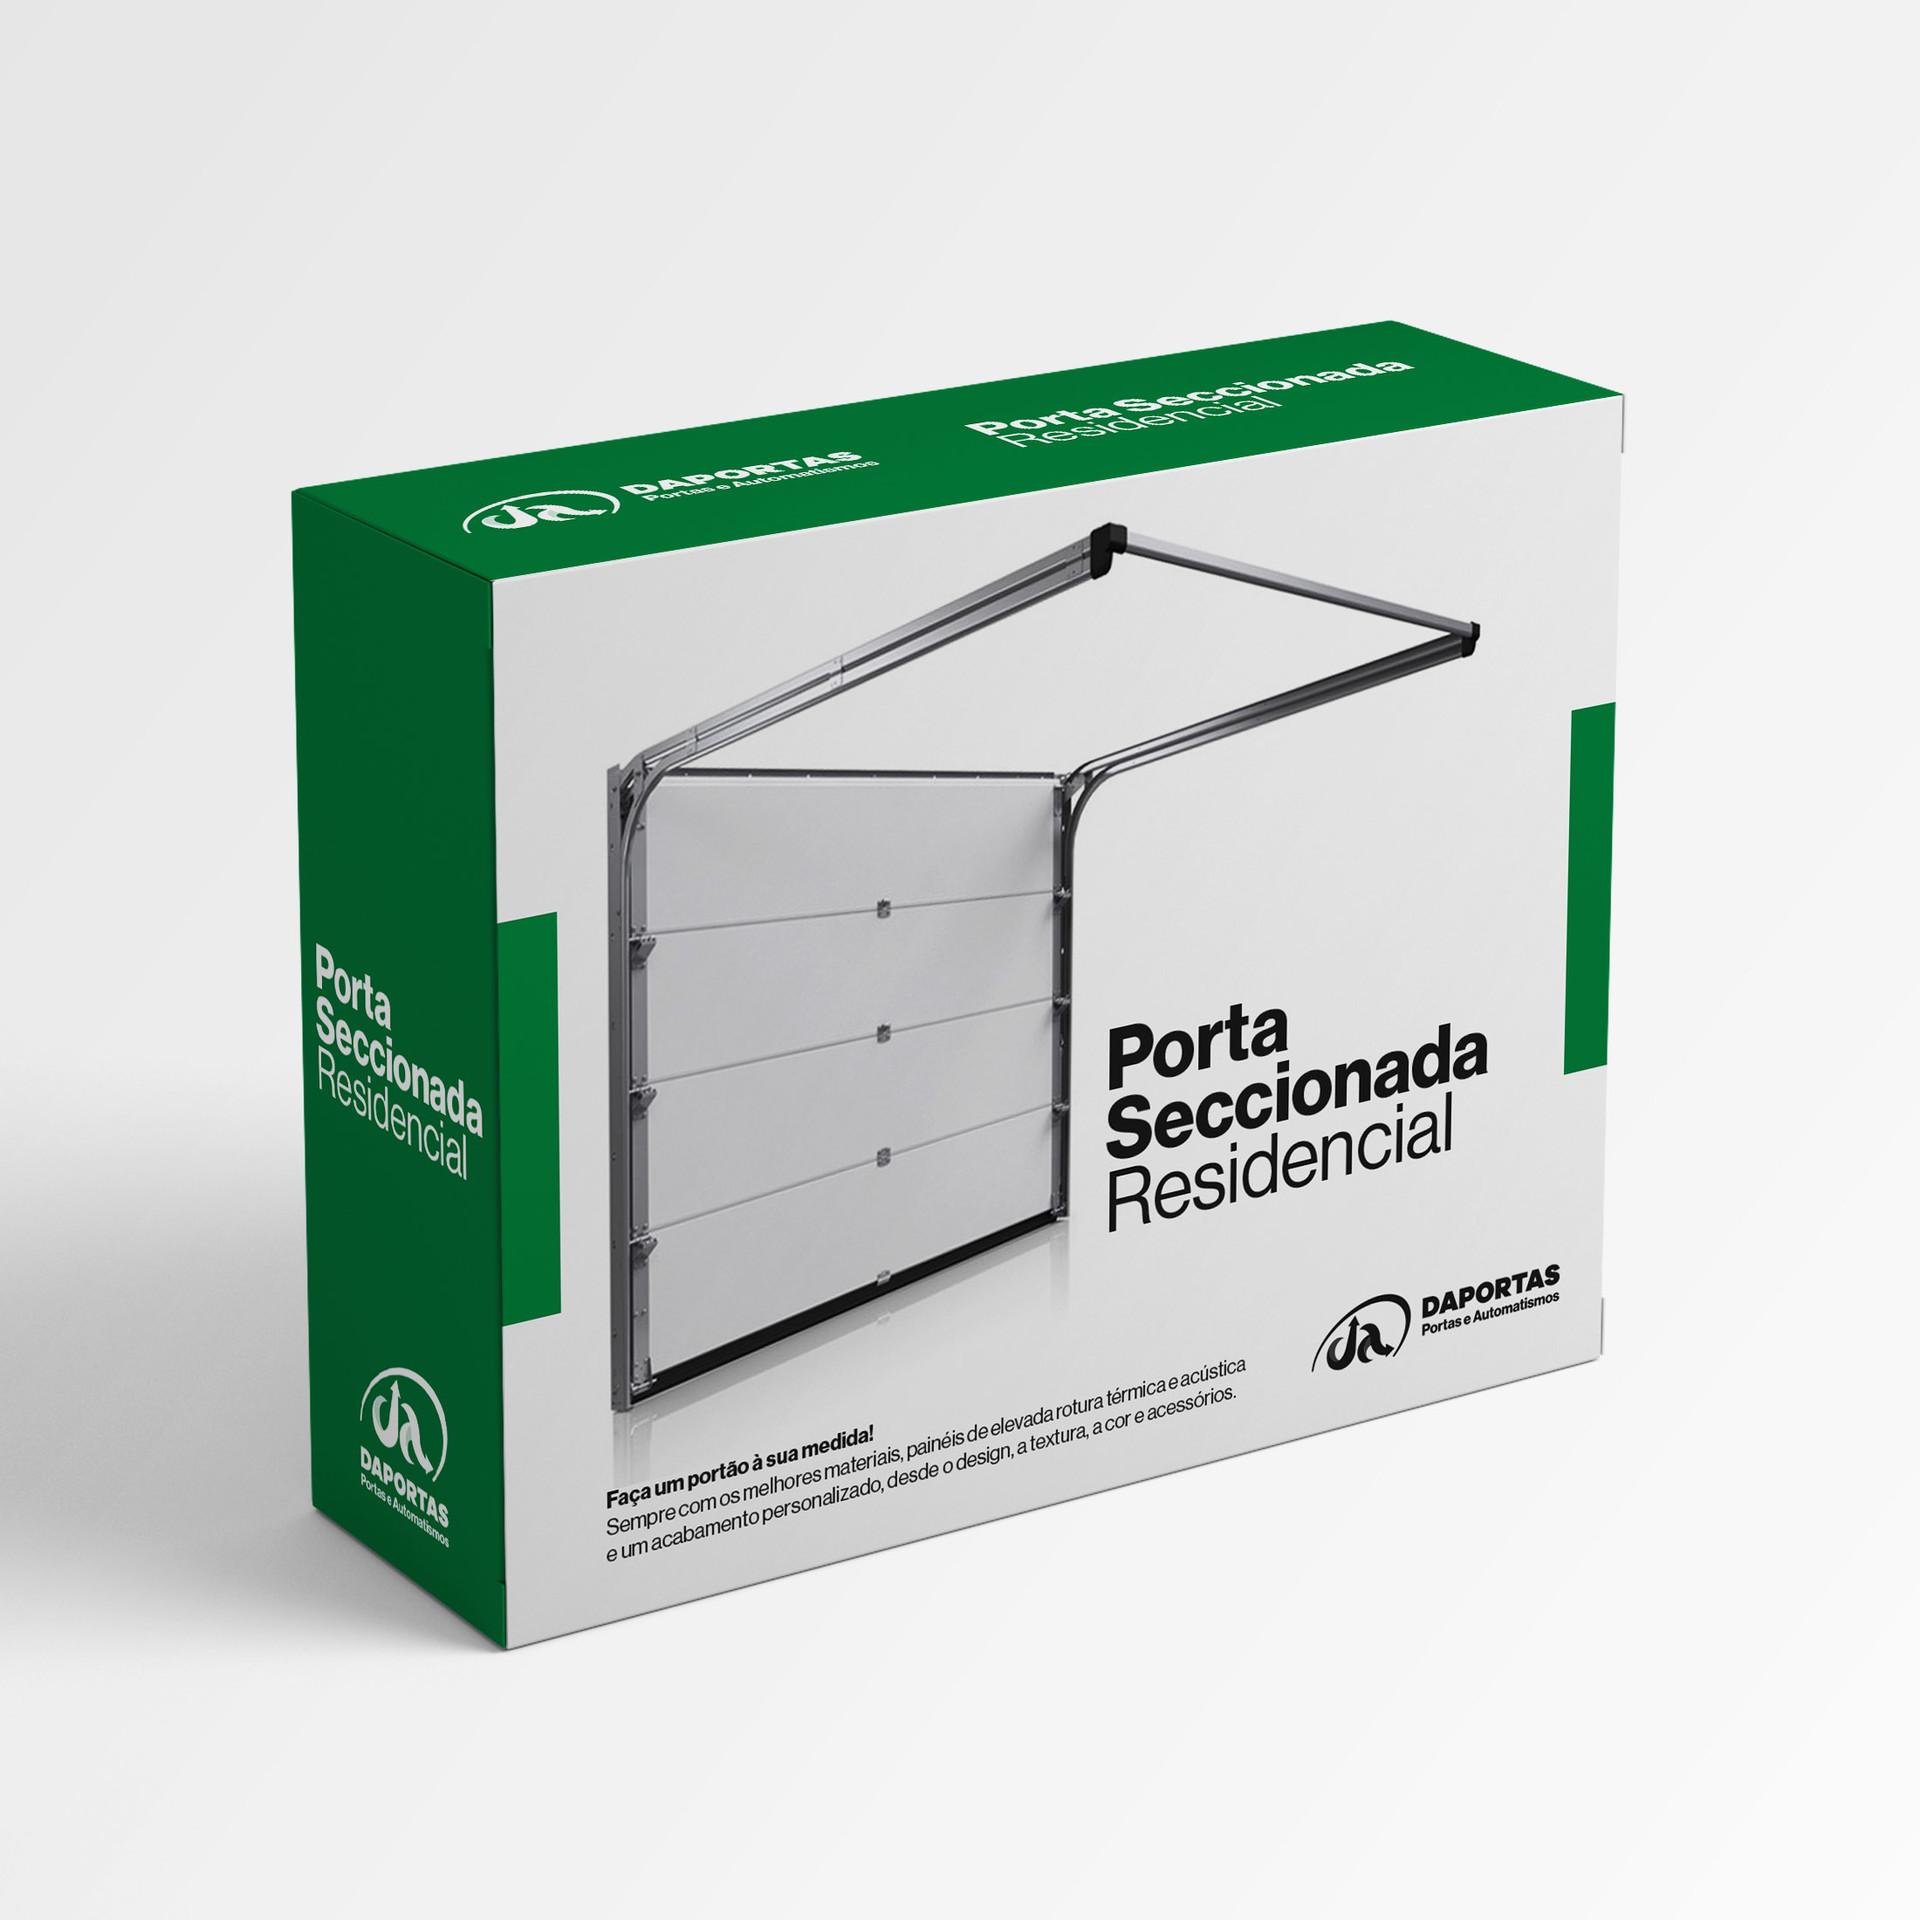 Porta Seccionada Residencial